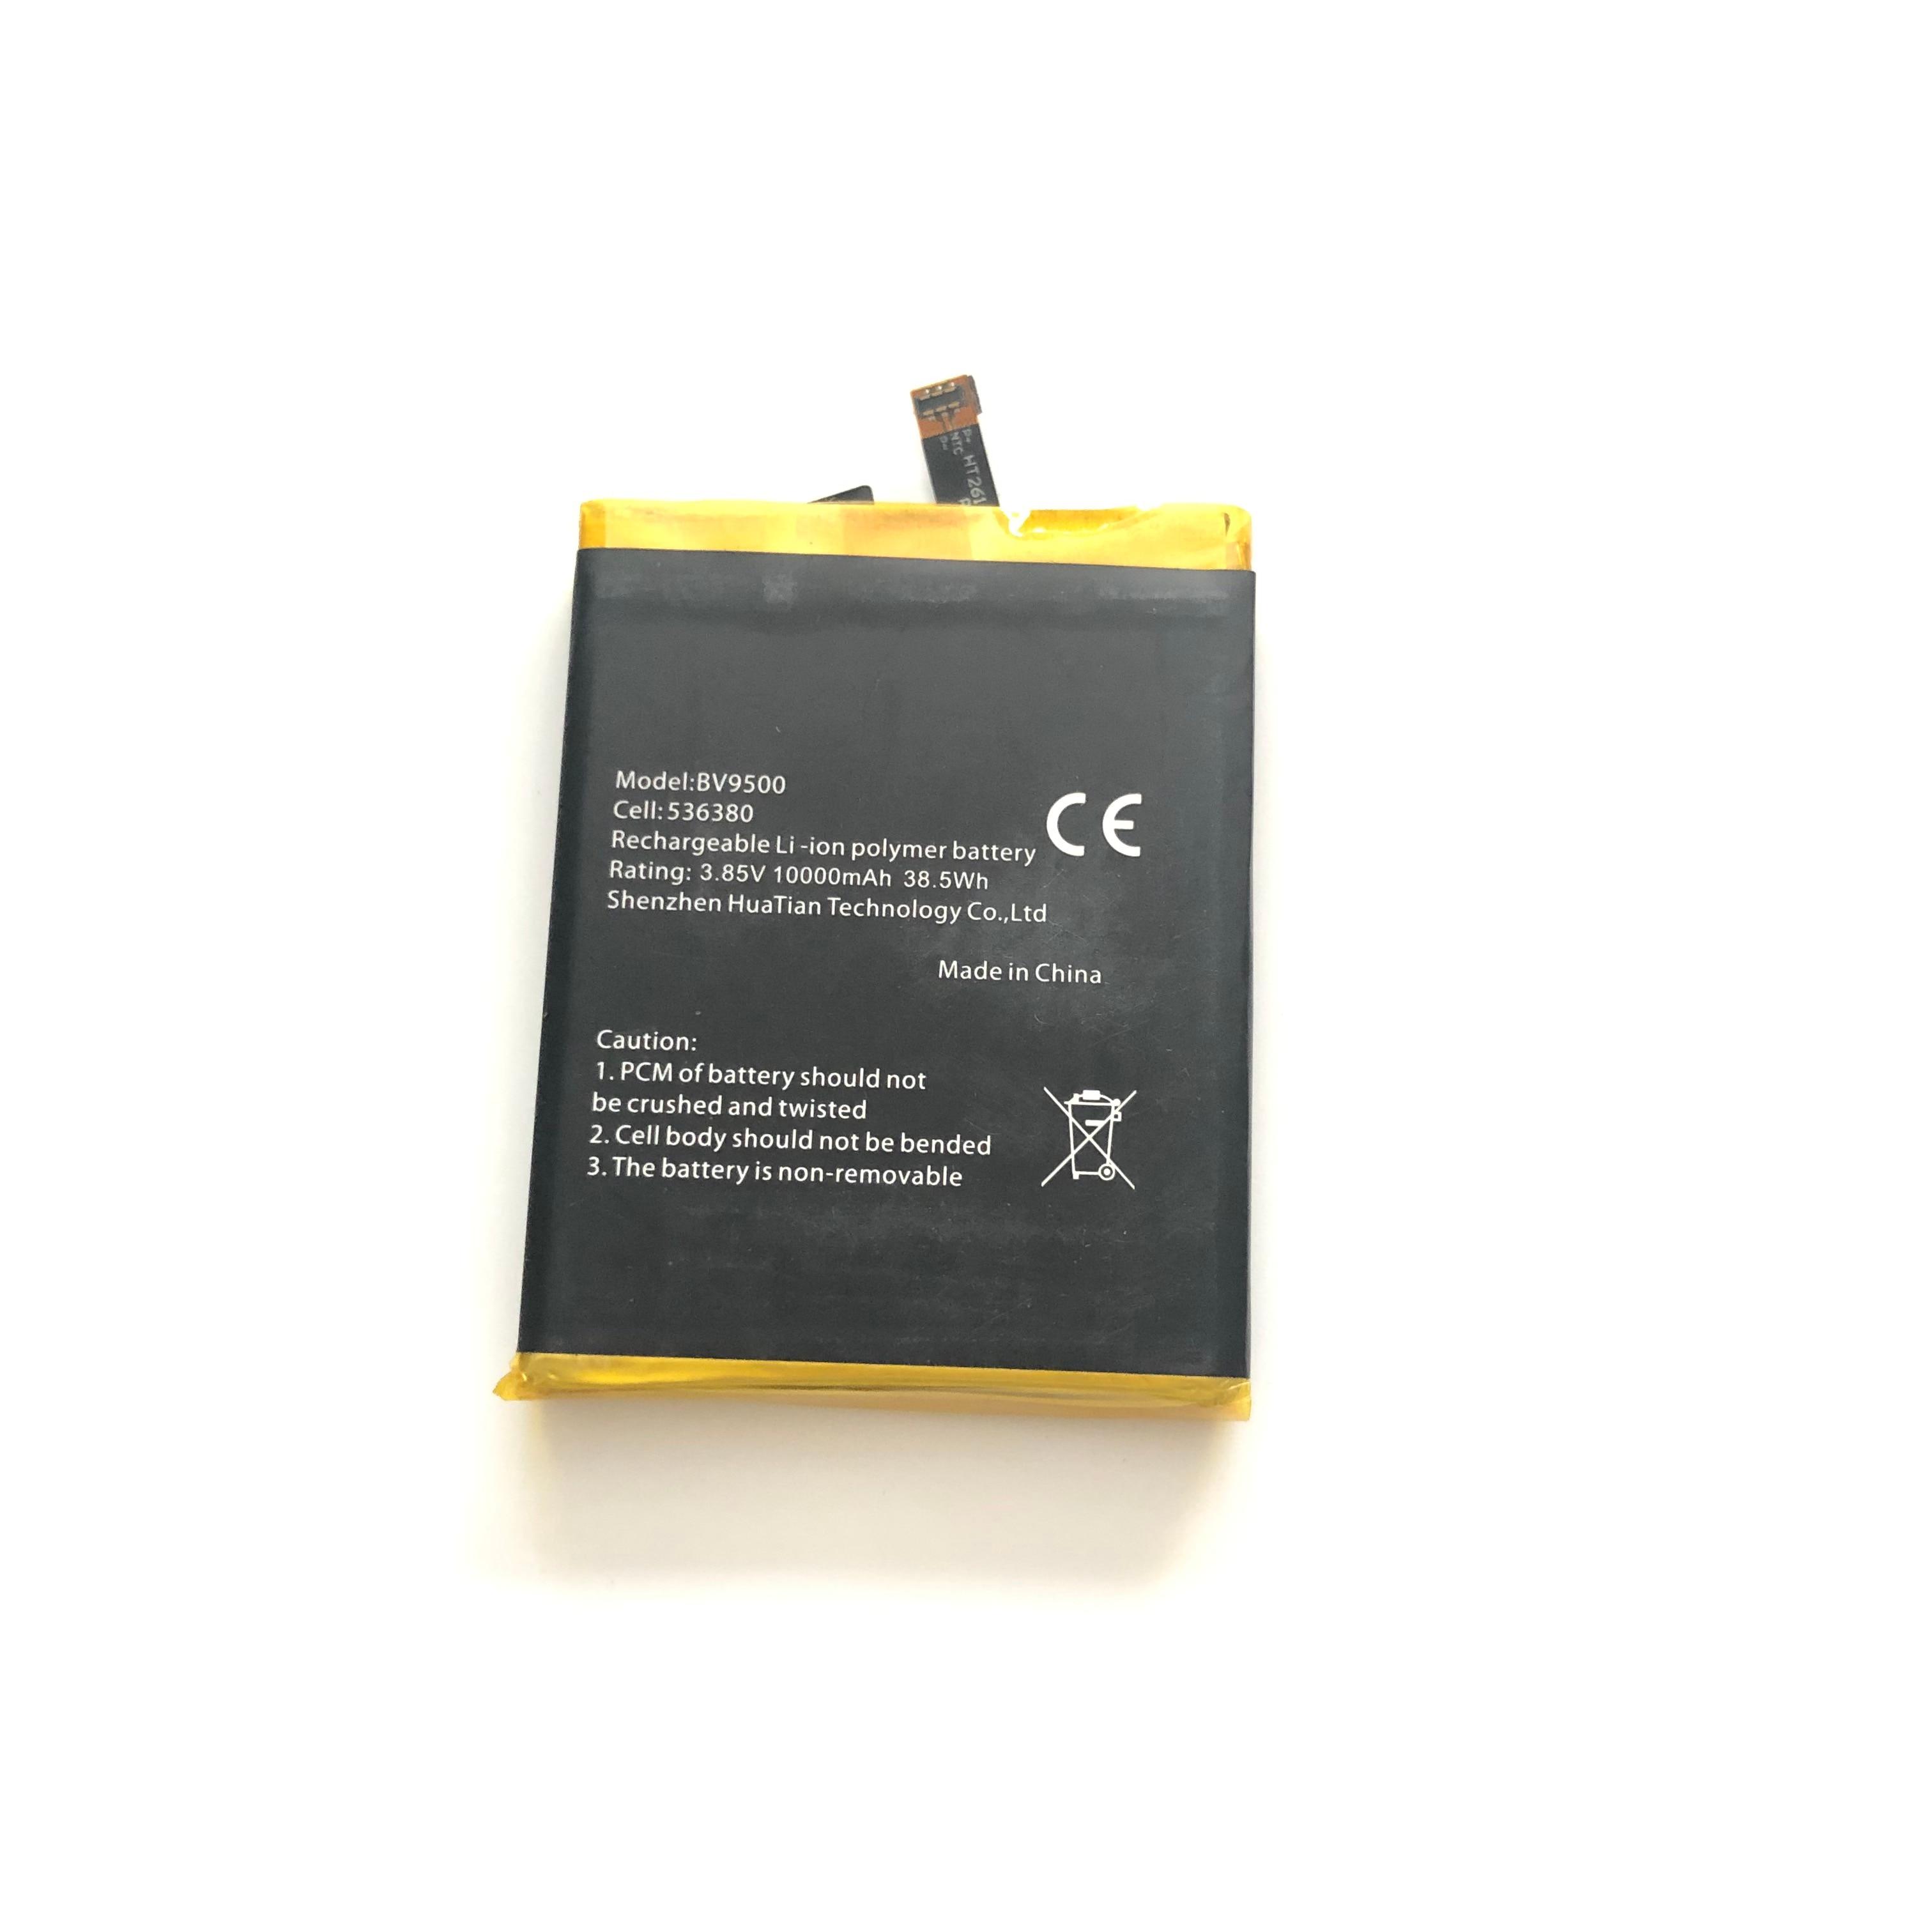 Original New Blackview BV9500 10000mAh Battery Smart Mobile Phone li ion Battery For Blackview BV9500 Pro Smart Phone in Mobile Phone Batteries from Cellphones Telecommunications